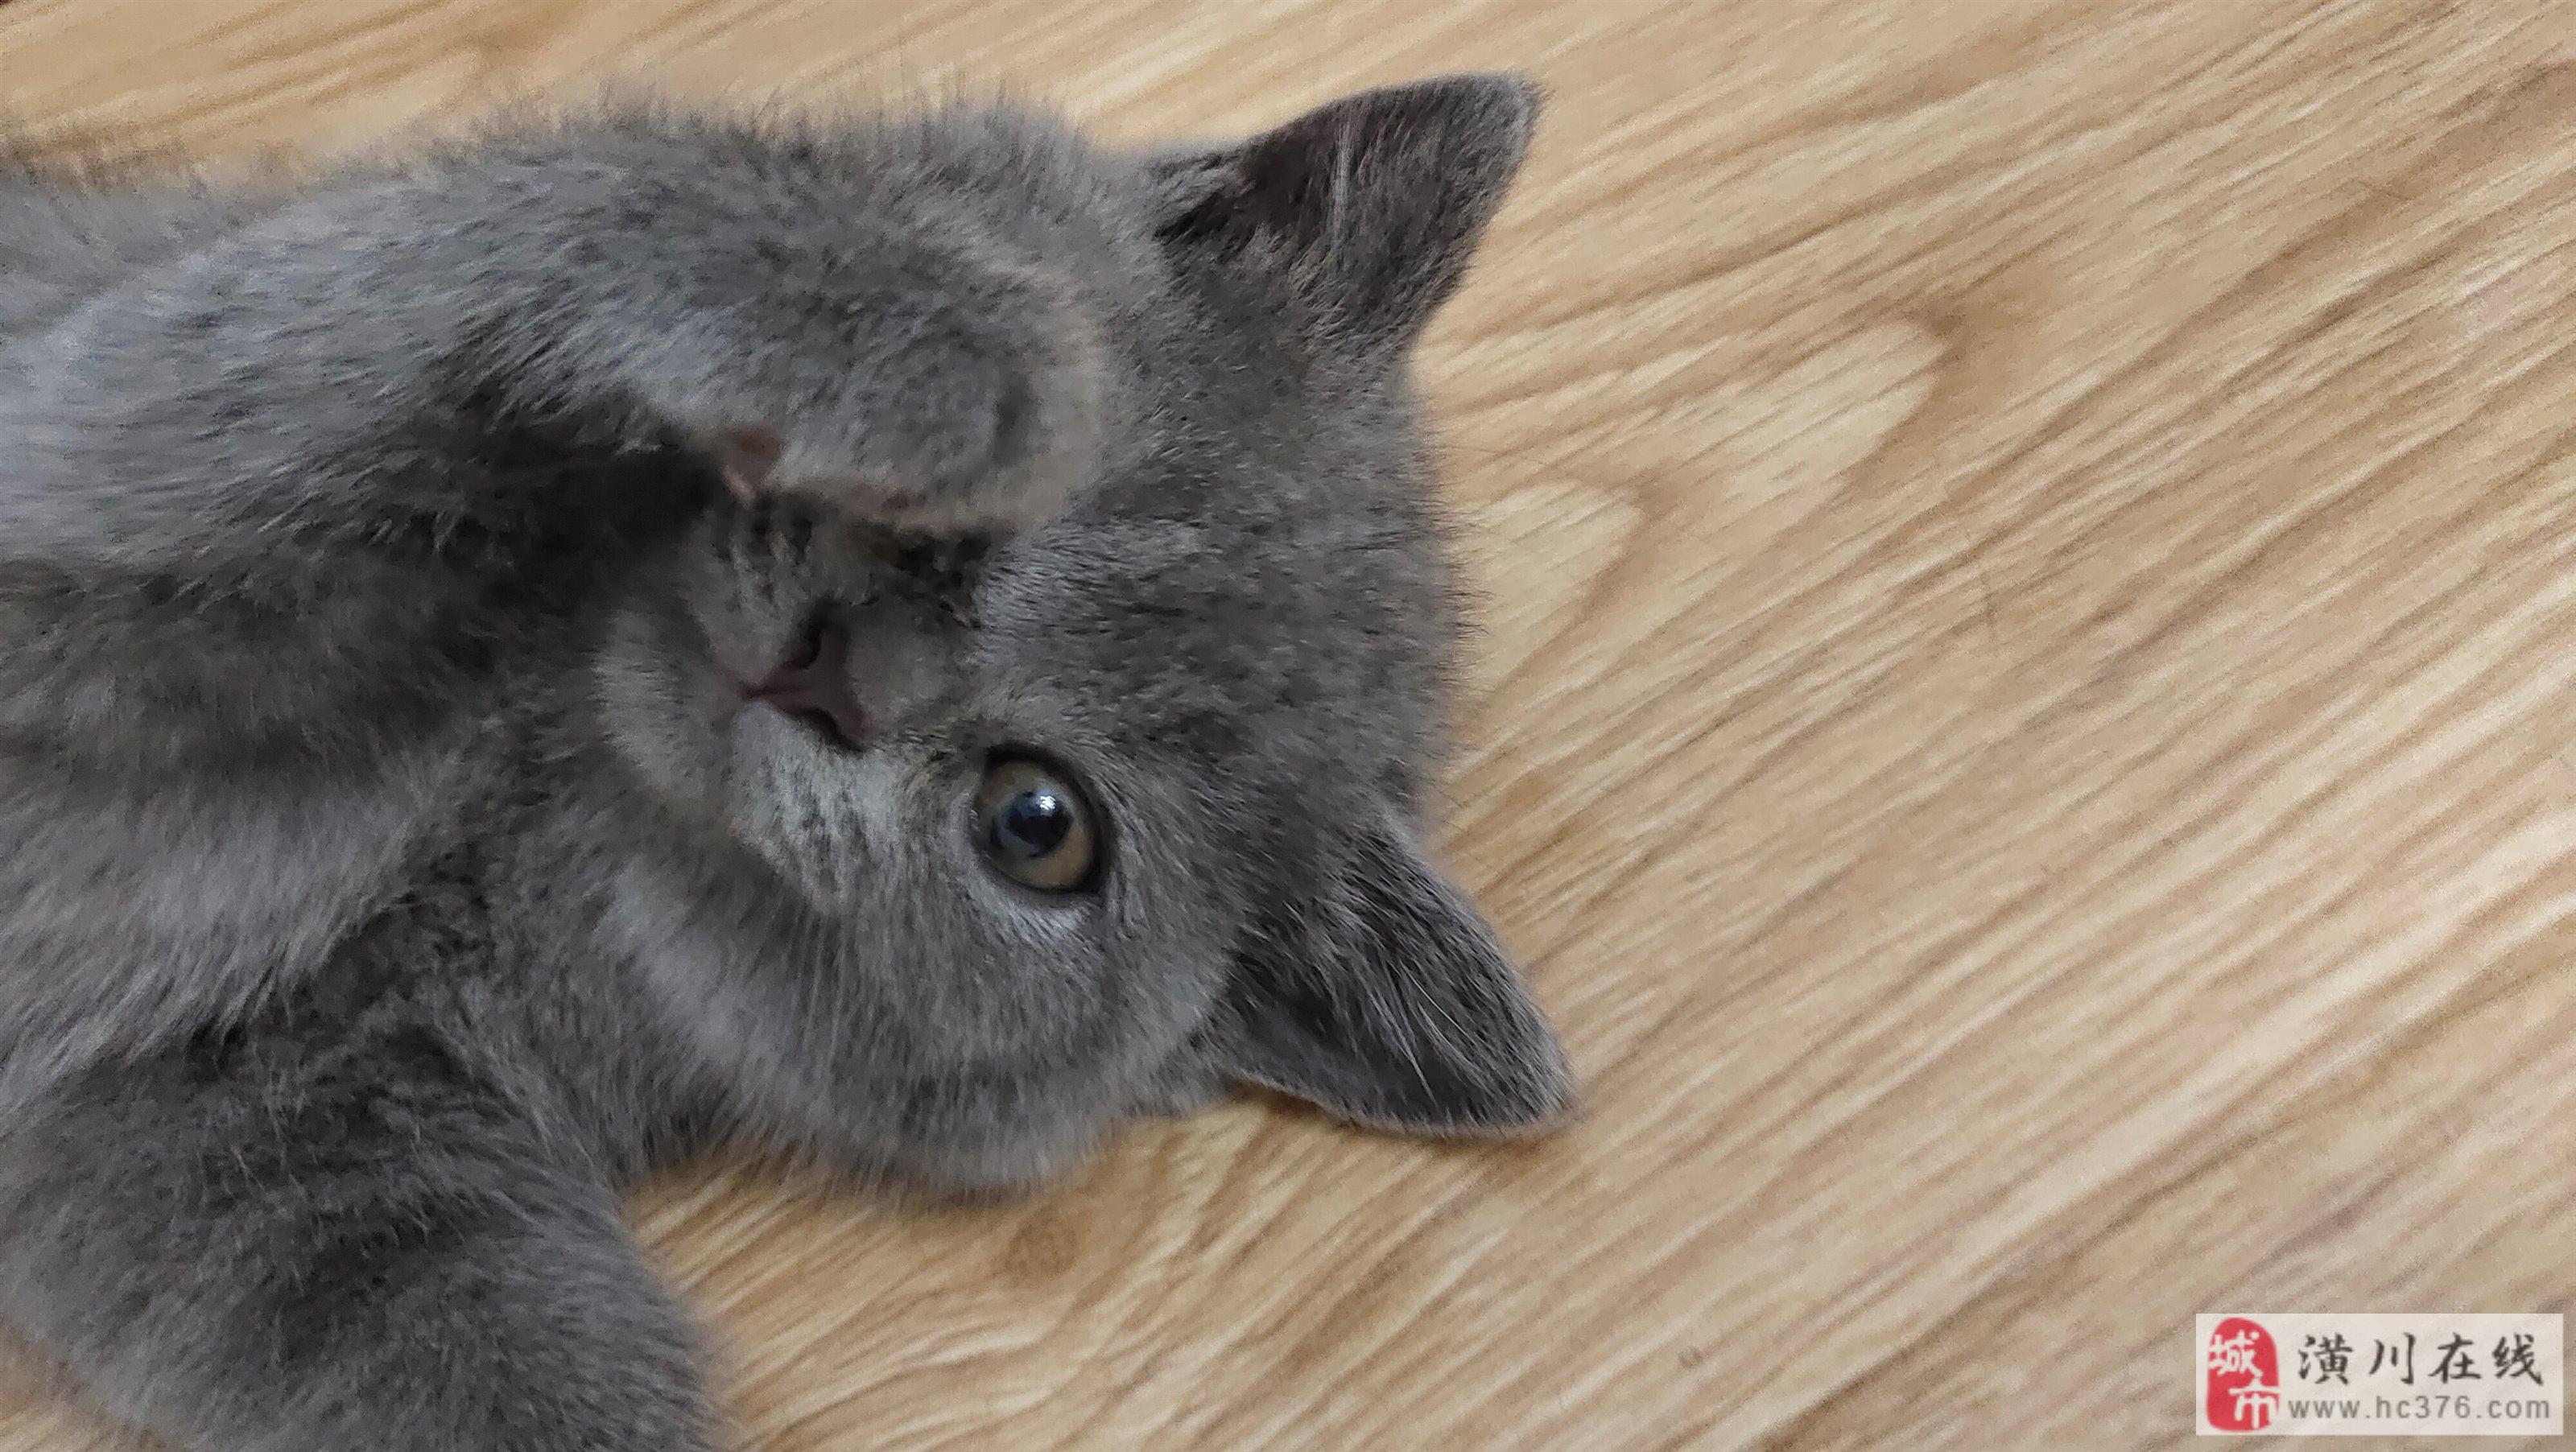 英短蓝猫血统纯正健康可爱找个真心对它好的主人